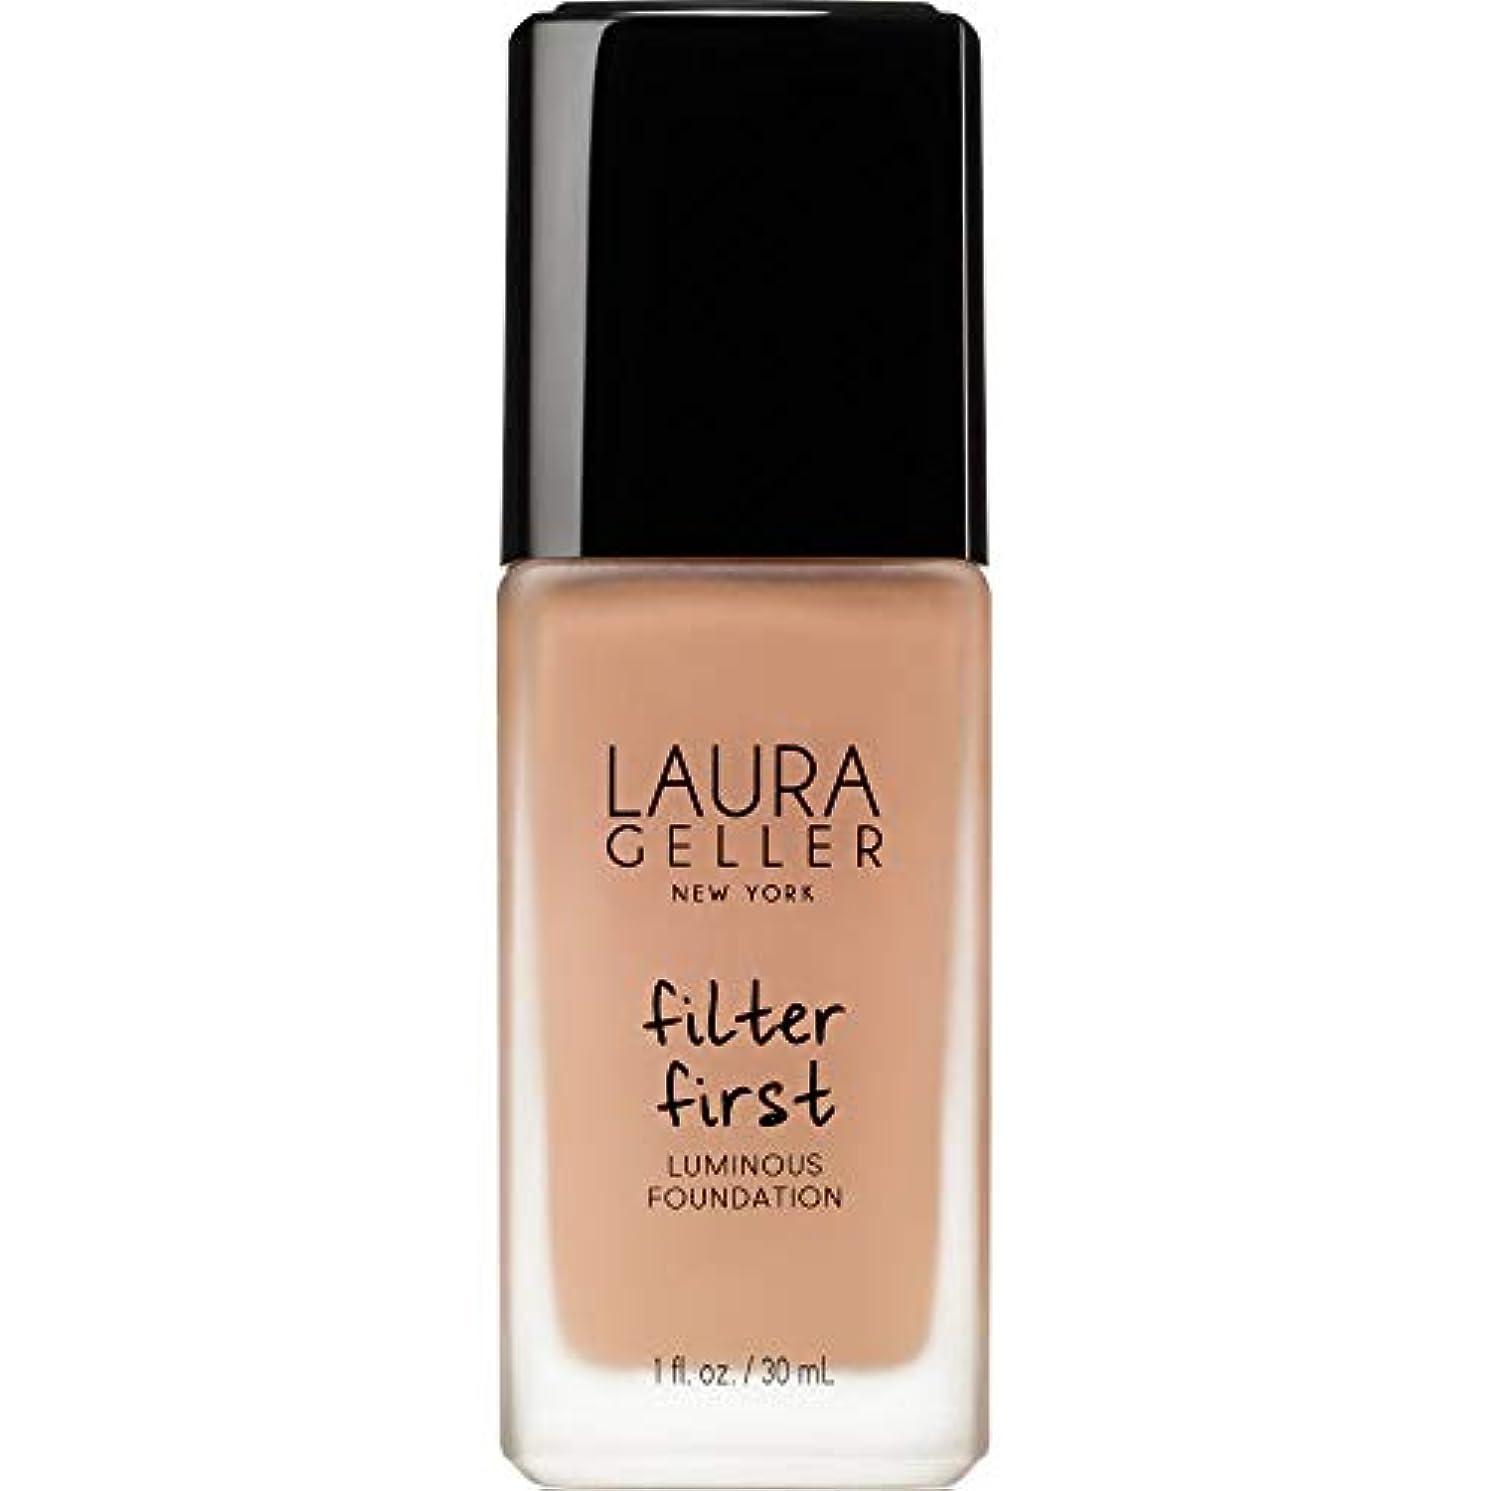 散文オリエンタル頭痛[Laura Geller] ローラ?ゲラーは、最初の発光基盤の30ミリリットル黄金のメディアをフィルタリング - Laura Geller Filter First Luminous Foundation 30ml Golden...